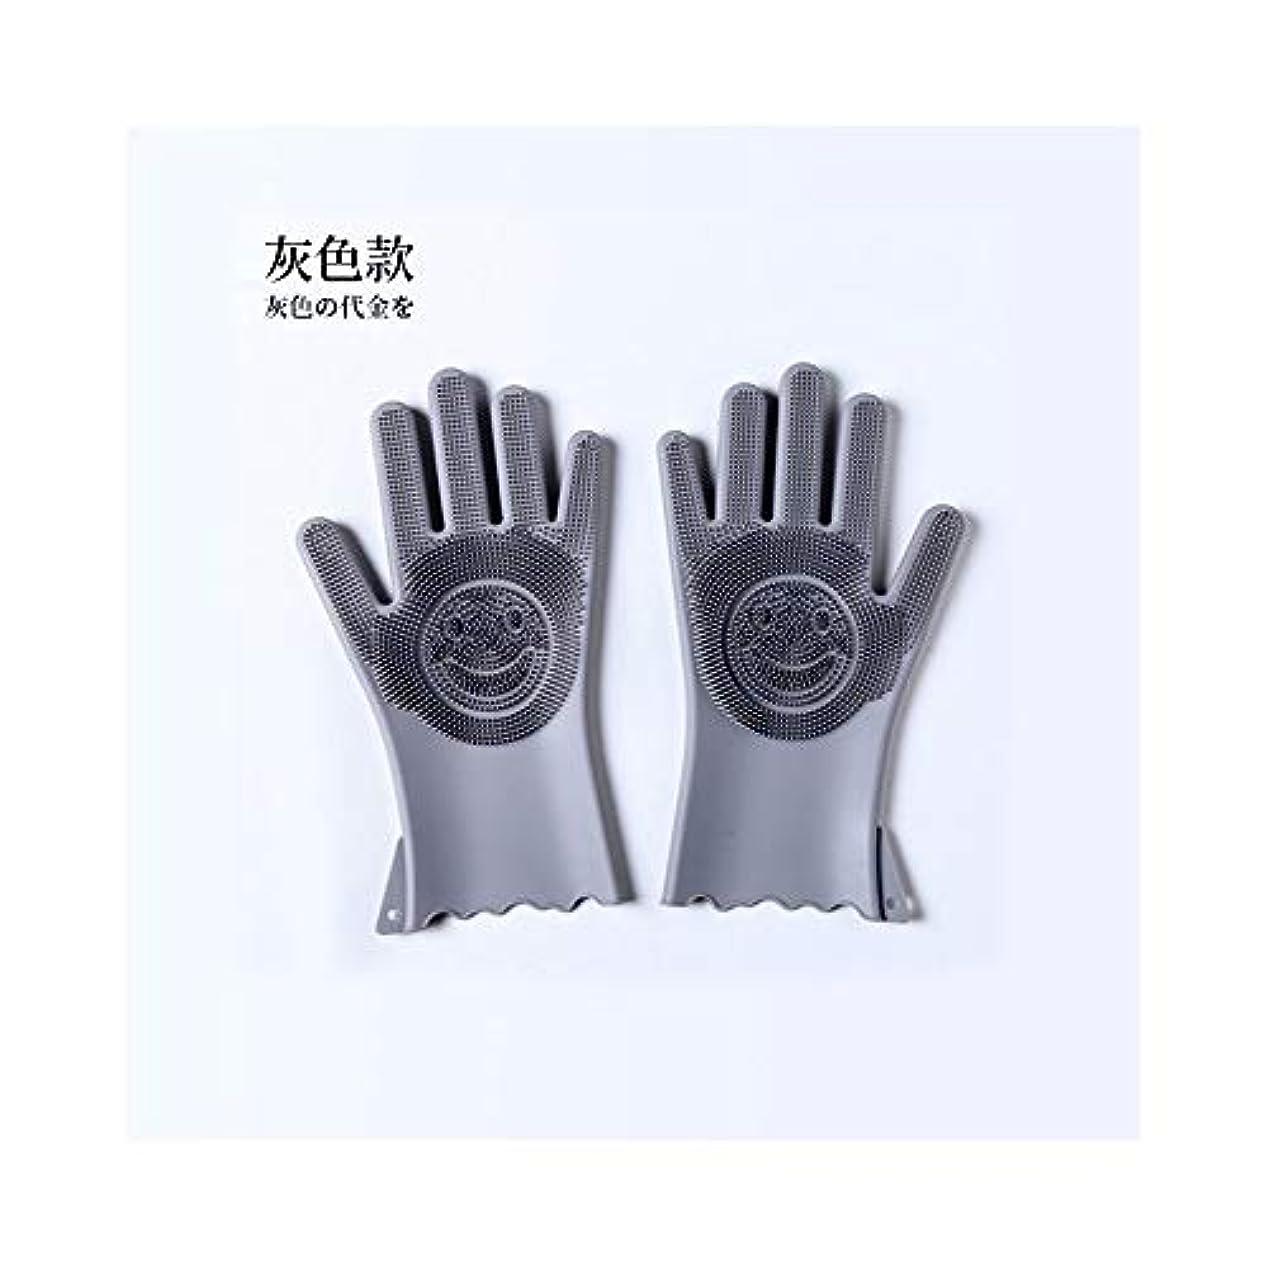 憧れ宗教的な奪うニトリルゴム手袋 作業用手袋防水厚くて丈夫なシリコーン多機能キッチン家庭用手袋 使い捨て手袋 (Color : Gray, Size : M)